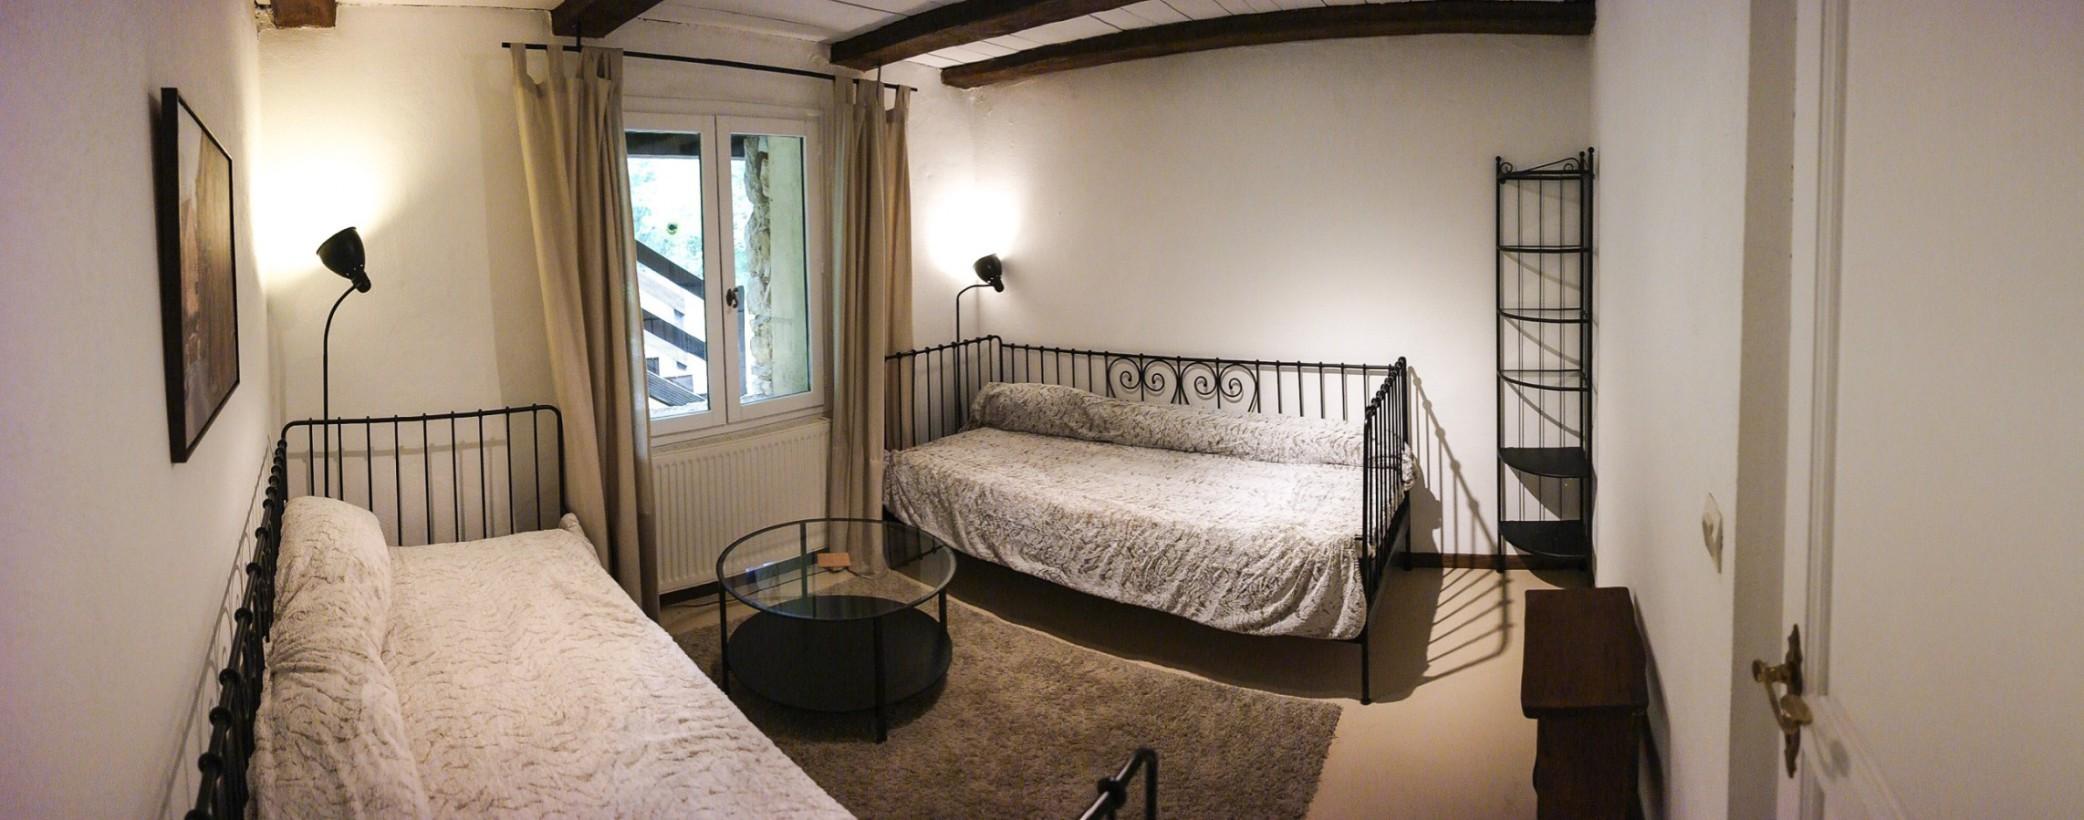 Owi Schlafzimmer unten 3